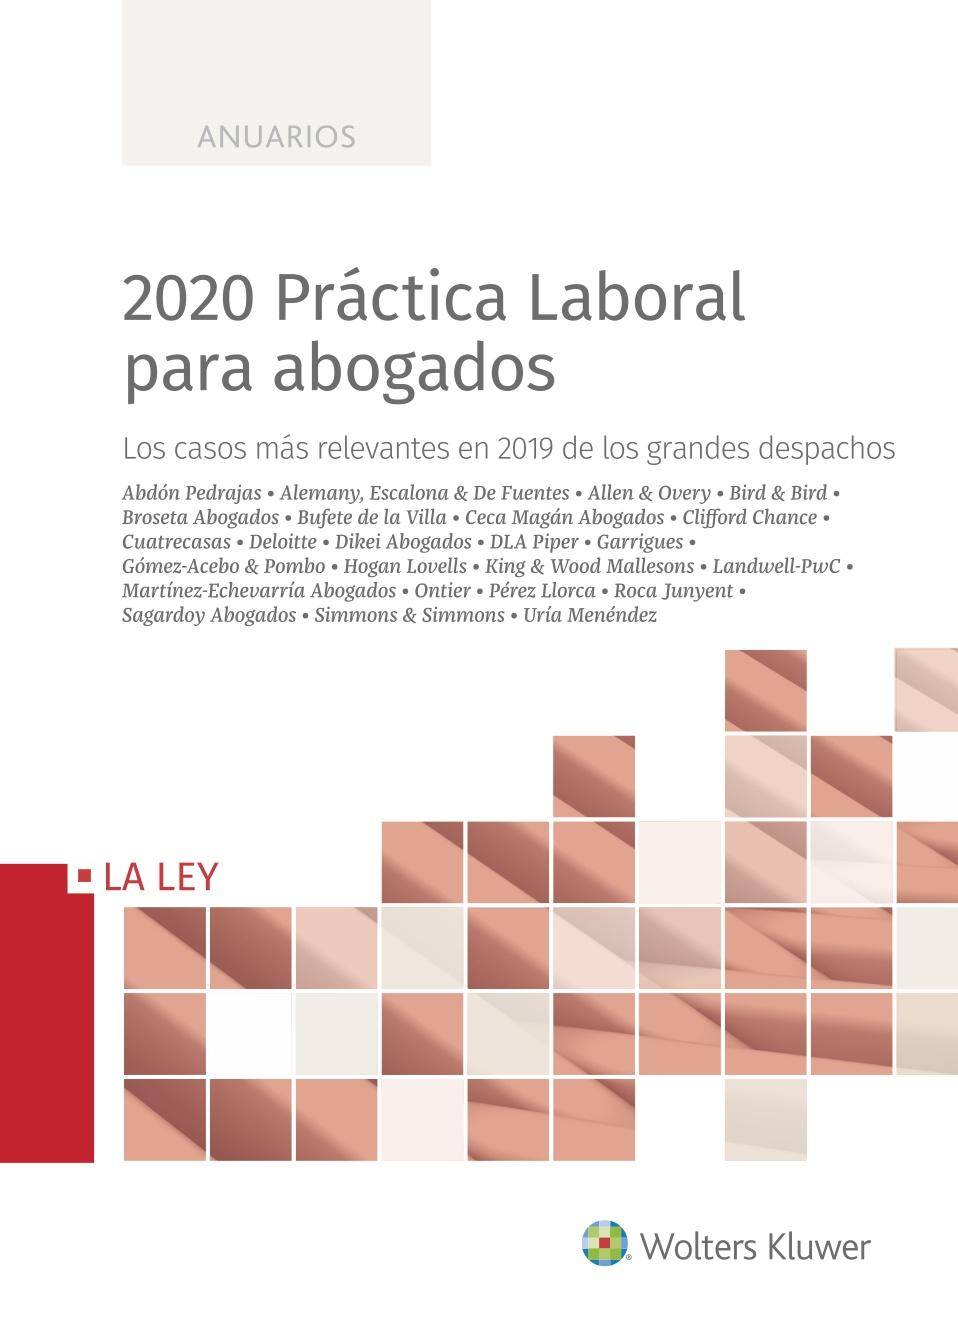 2020 Práctica Laboral para abogados   «Los casos más relevantes en 2019 de los grandes despachos»